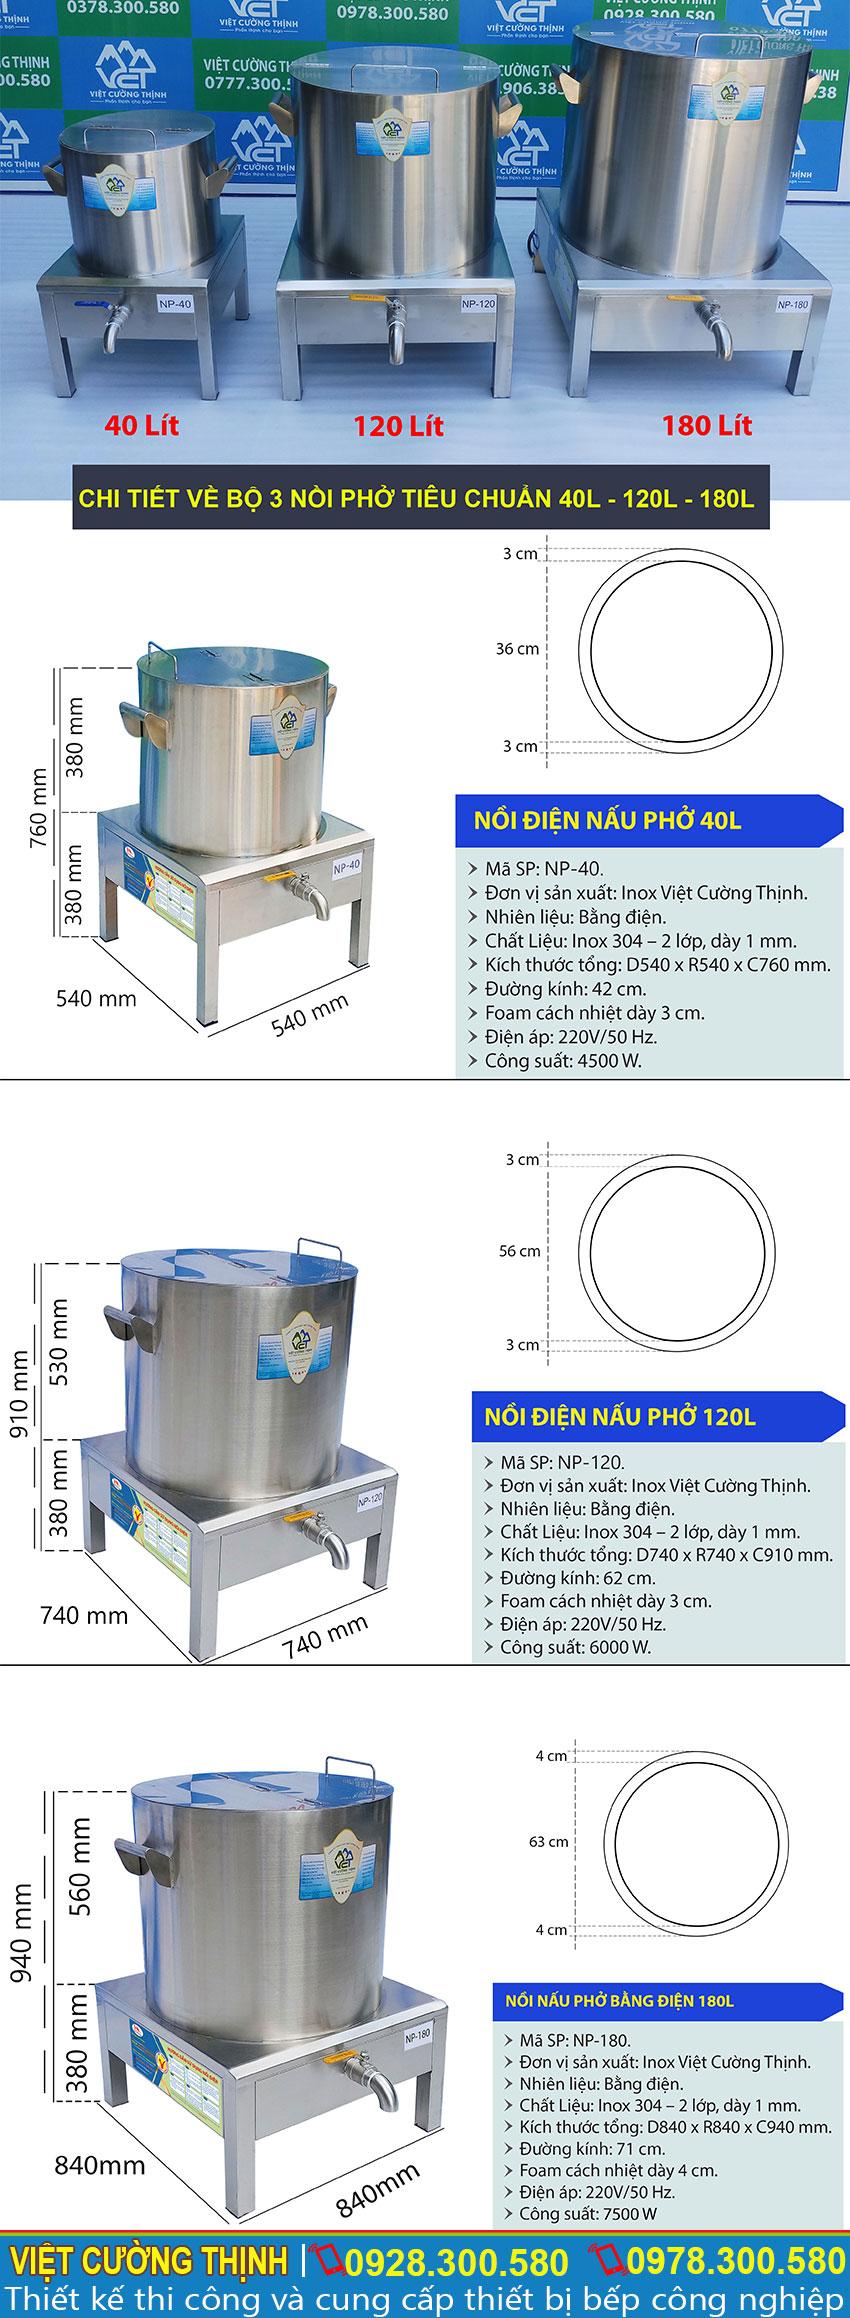 Thông số kỹ thuật Bộ 3 Nồi Phở Điện Công Nghiệp 40L-120L-180L